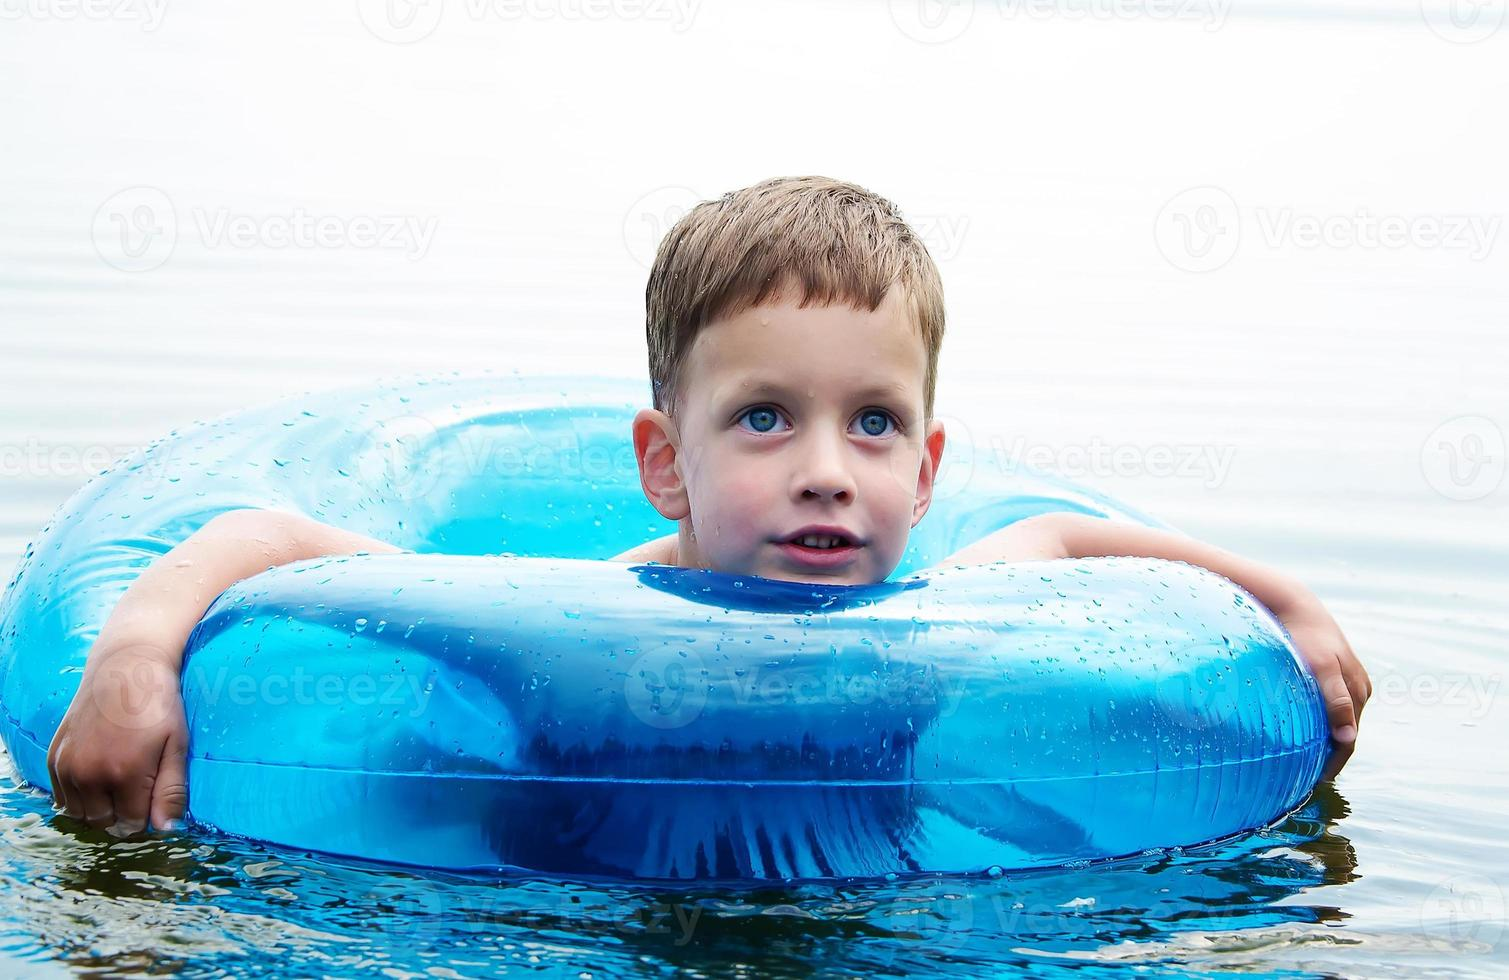 niño relajándose en un tubo de agua foto